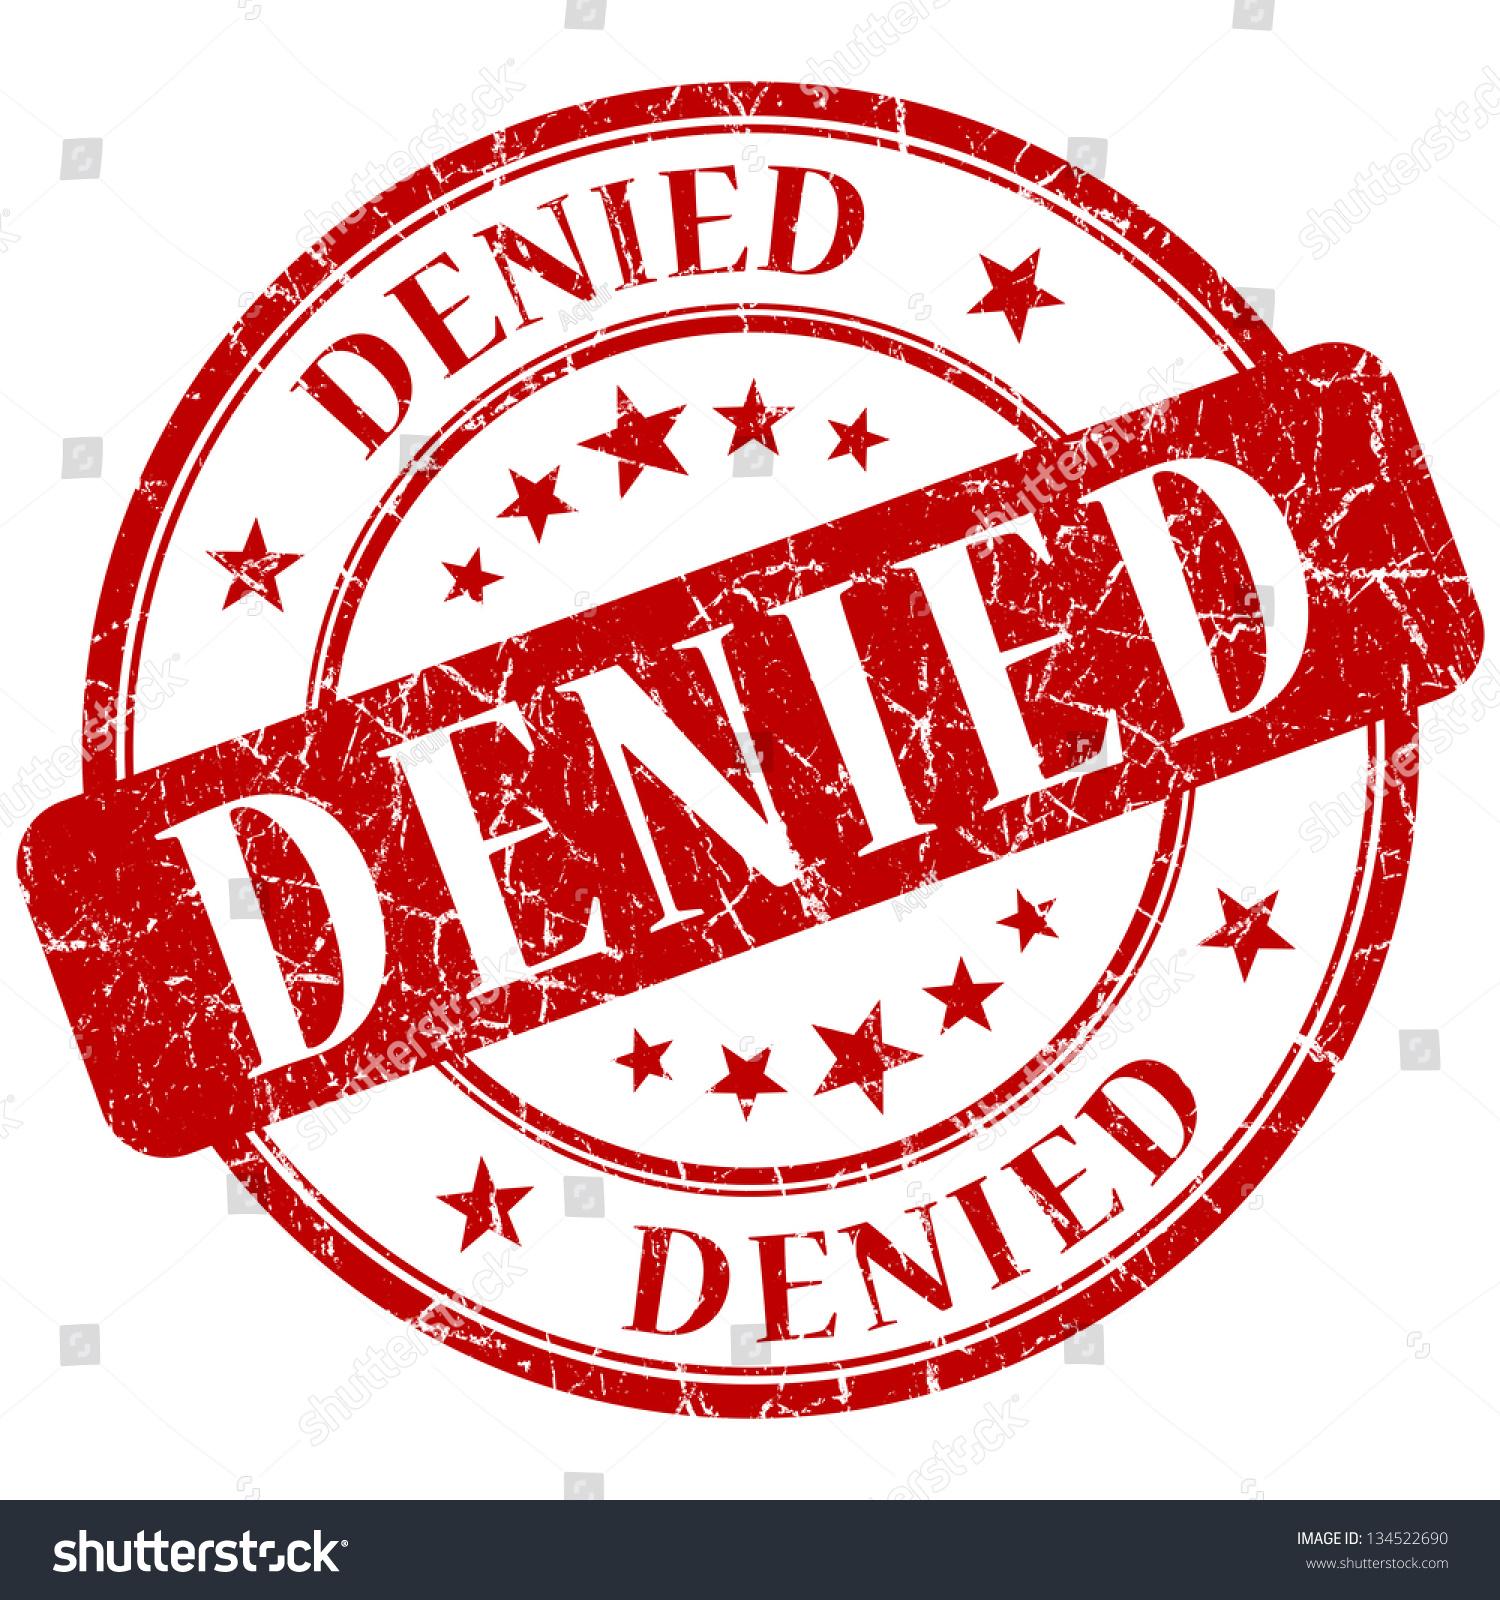 Denied Stamp Stock Illustration 134522690 - Shutterstock